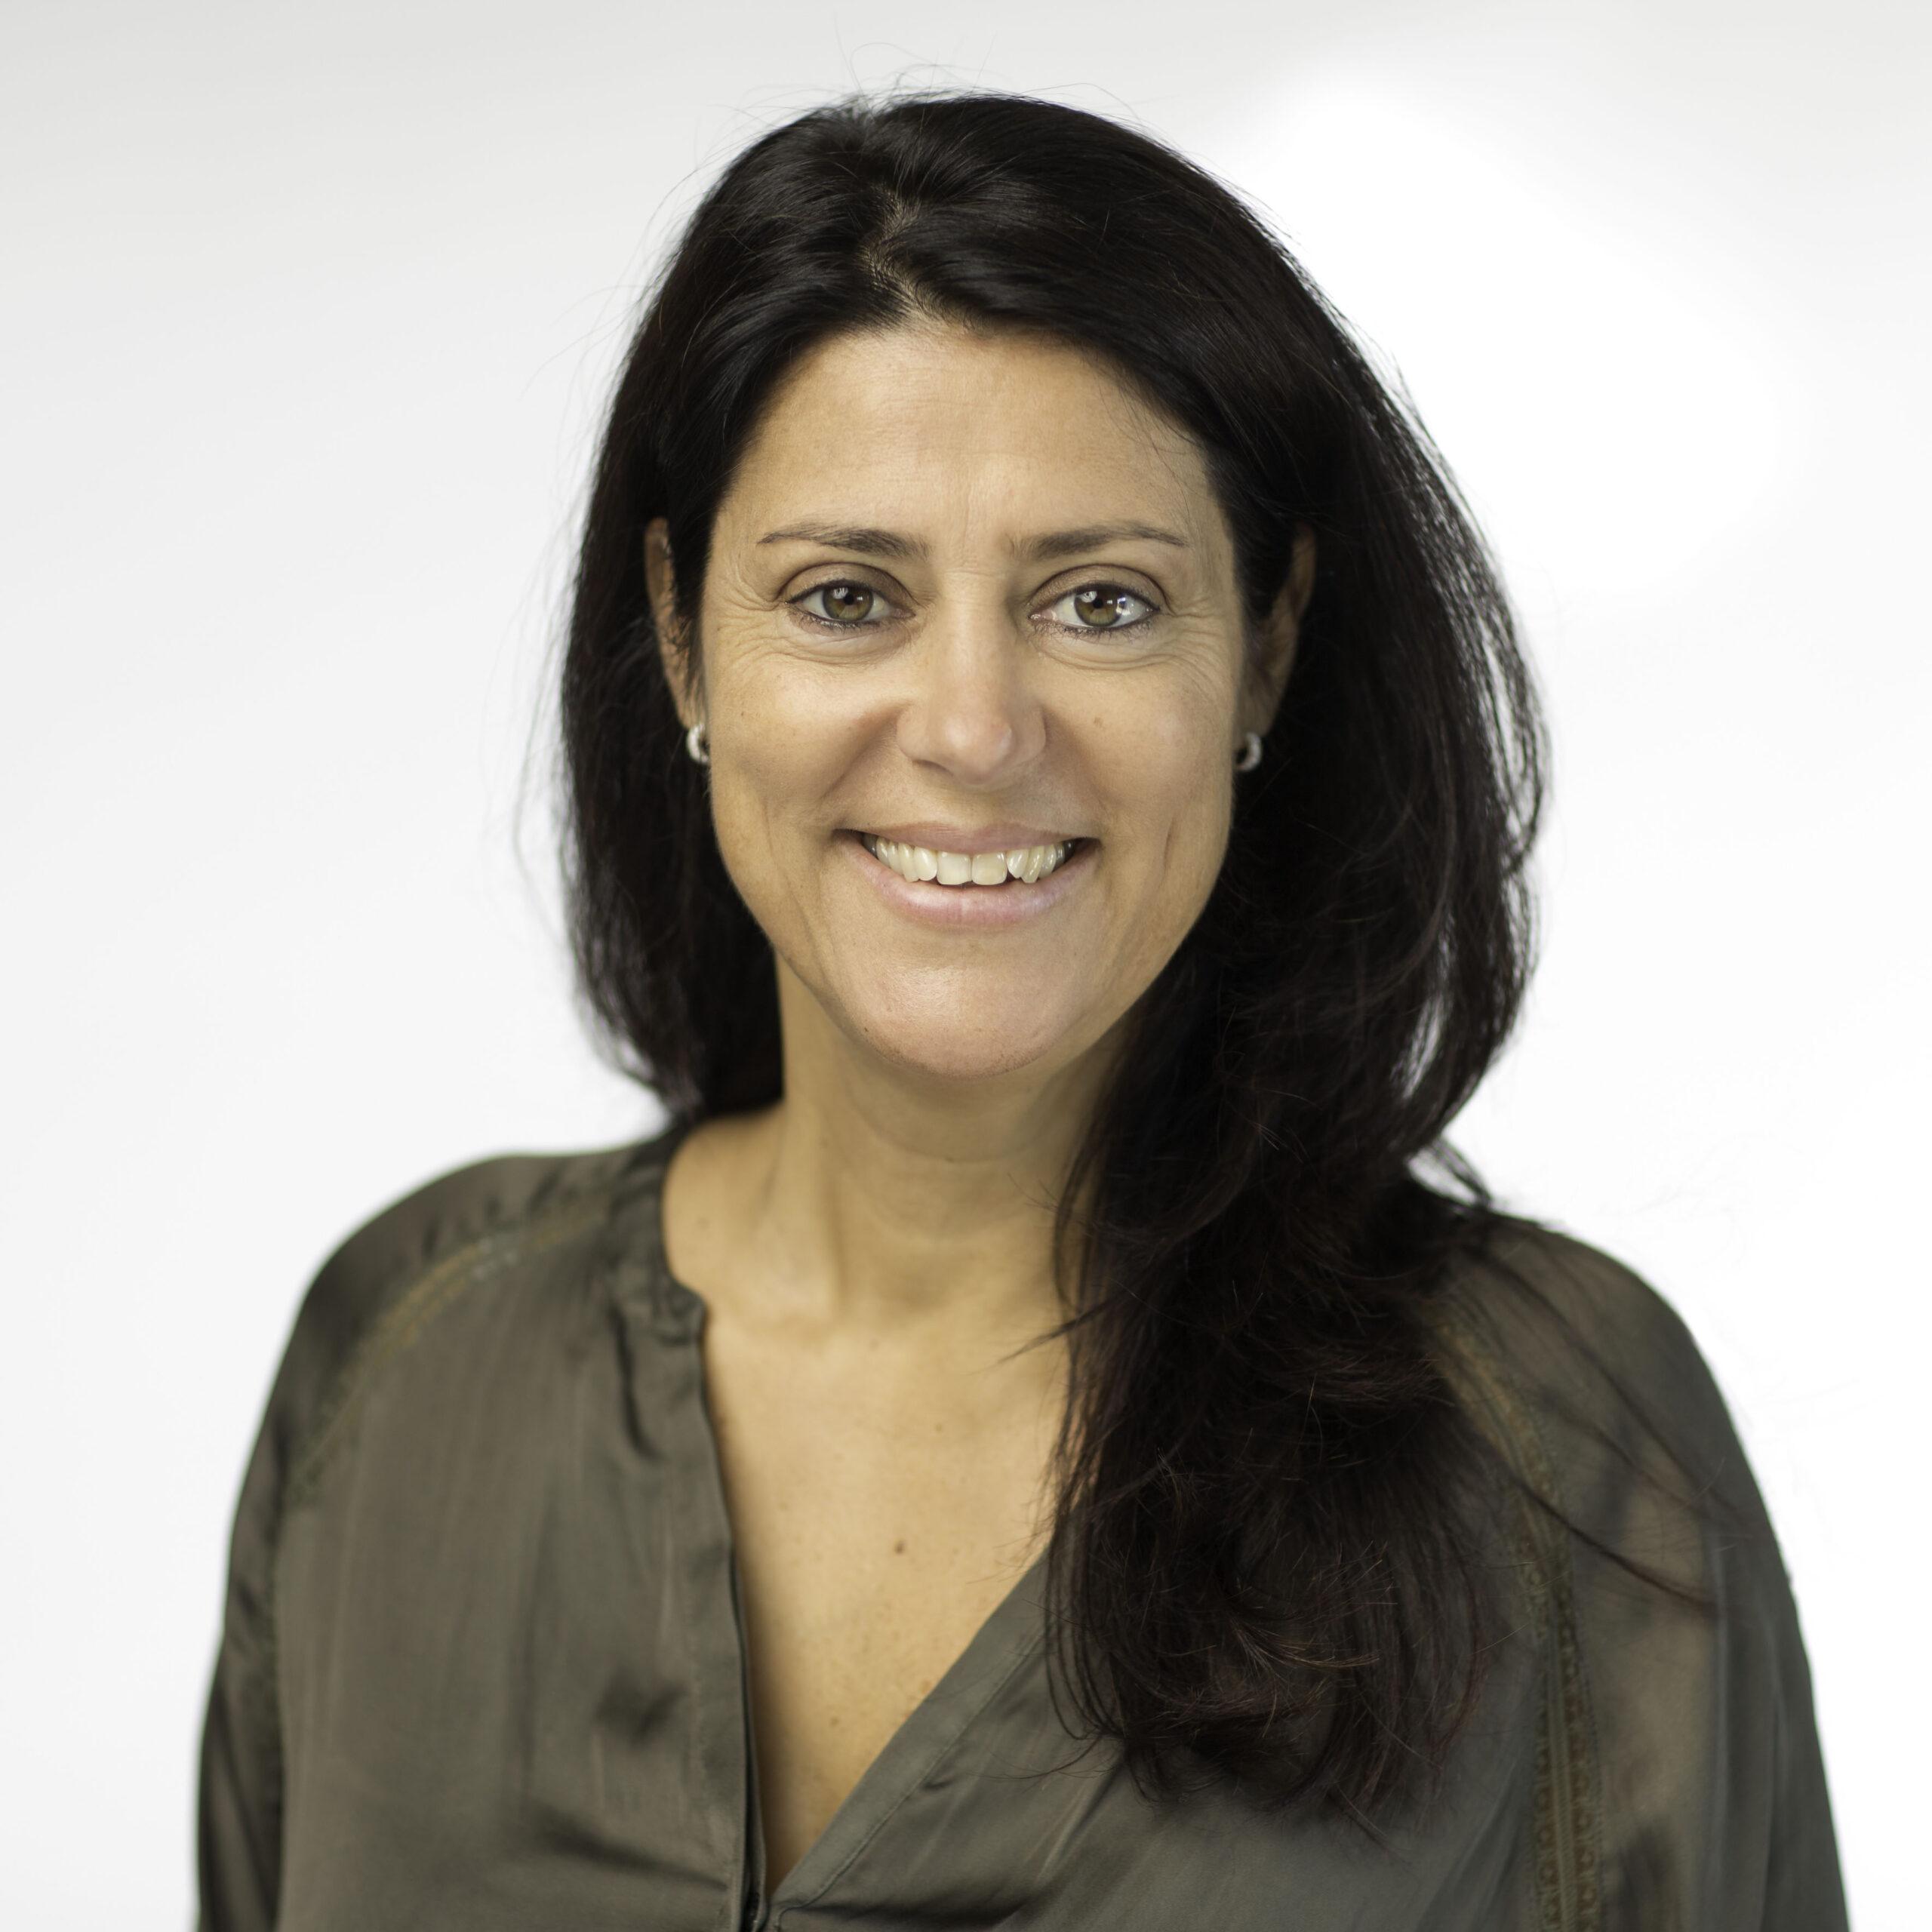 Susanne van Eps-Habibe